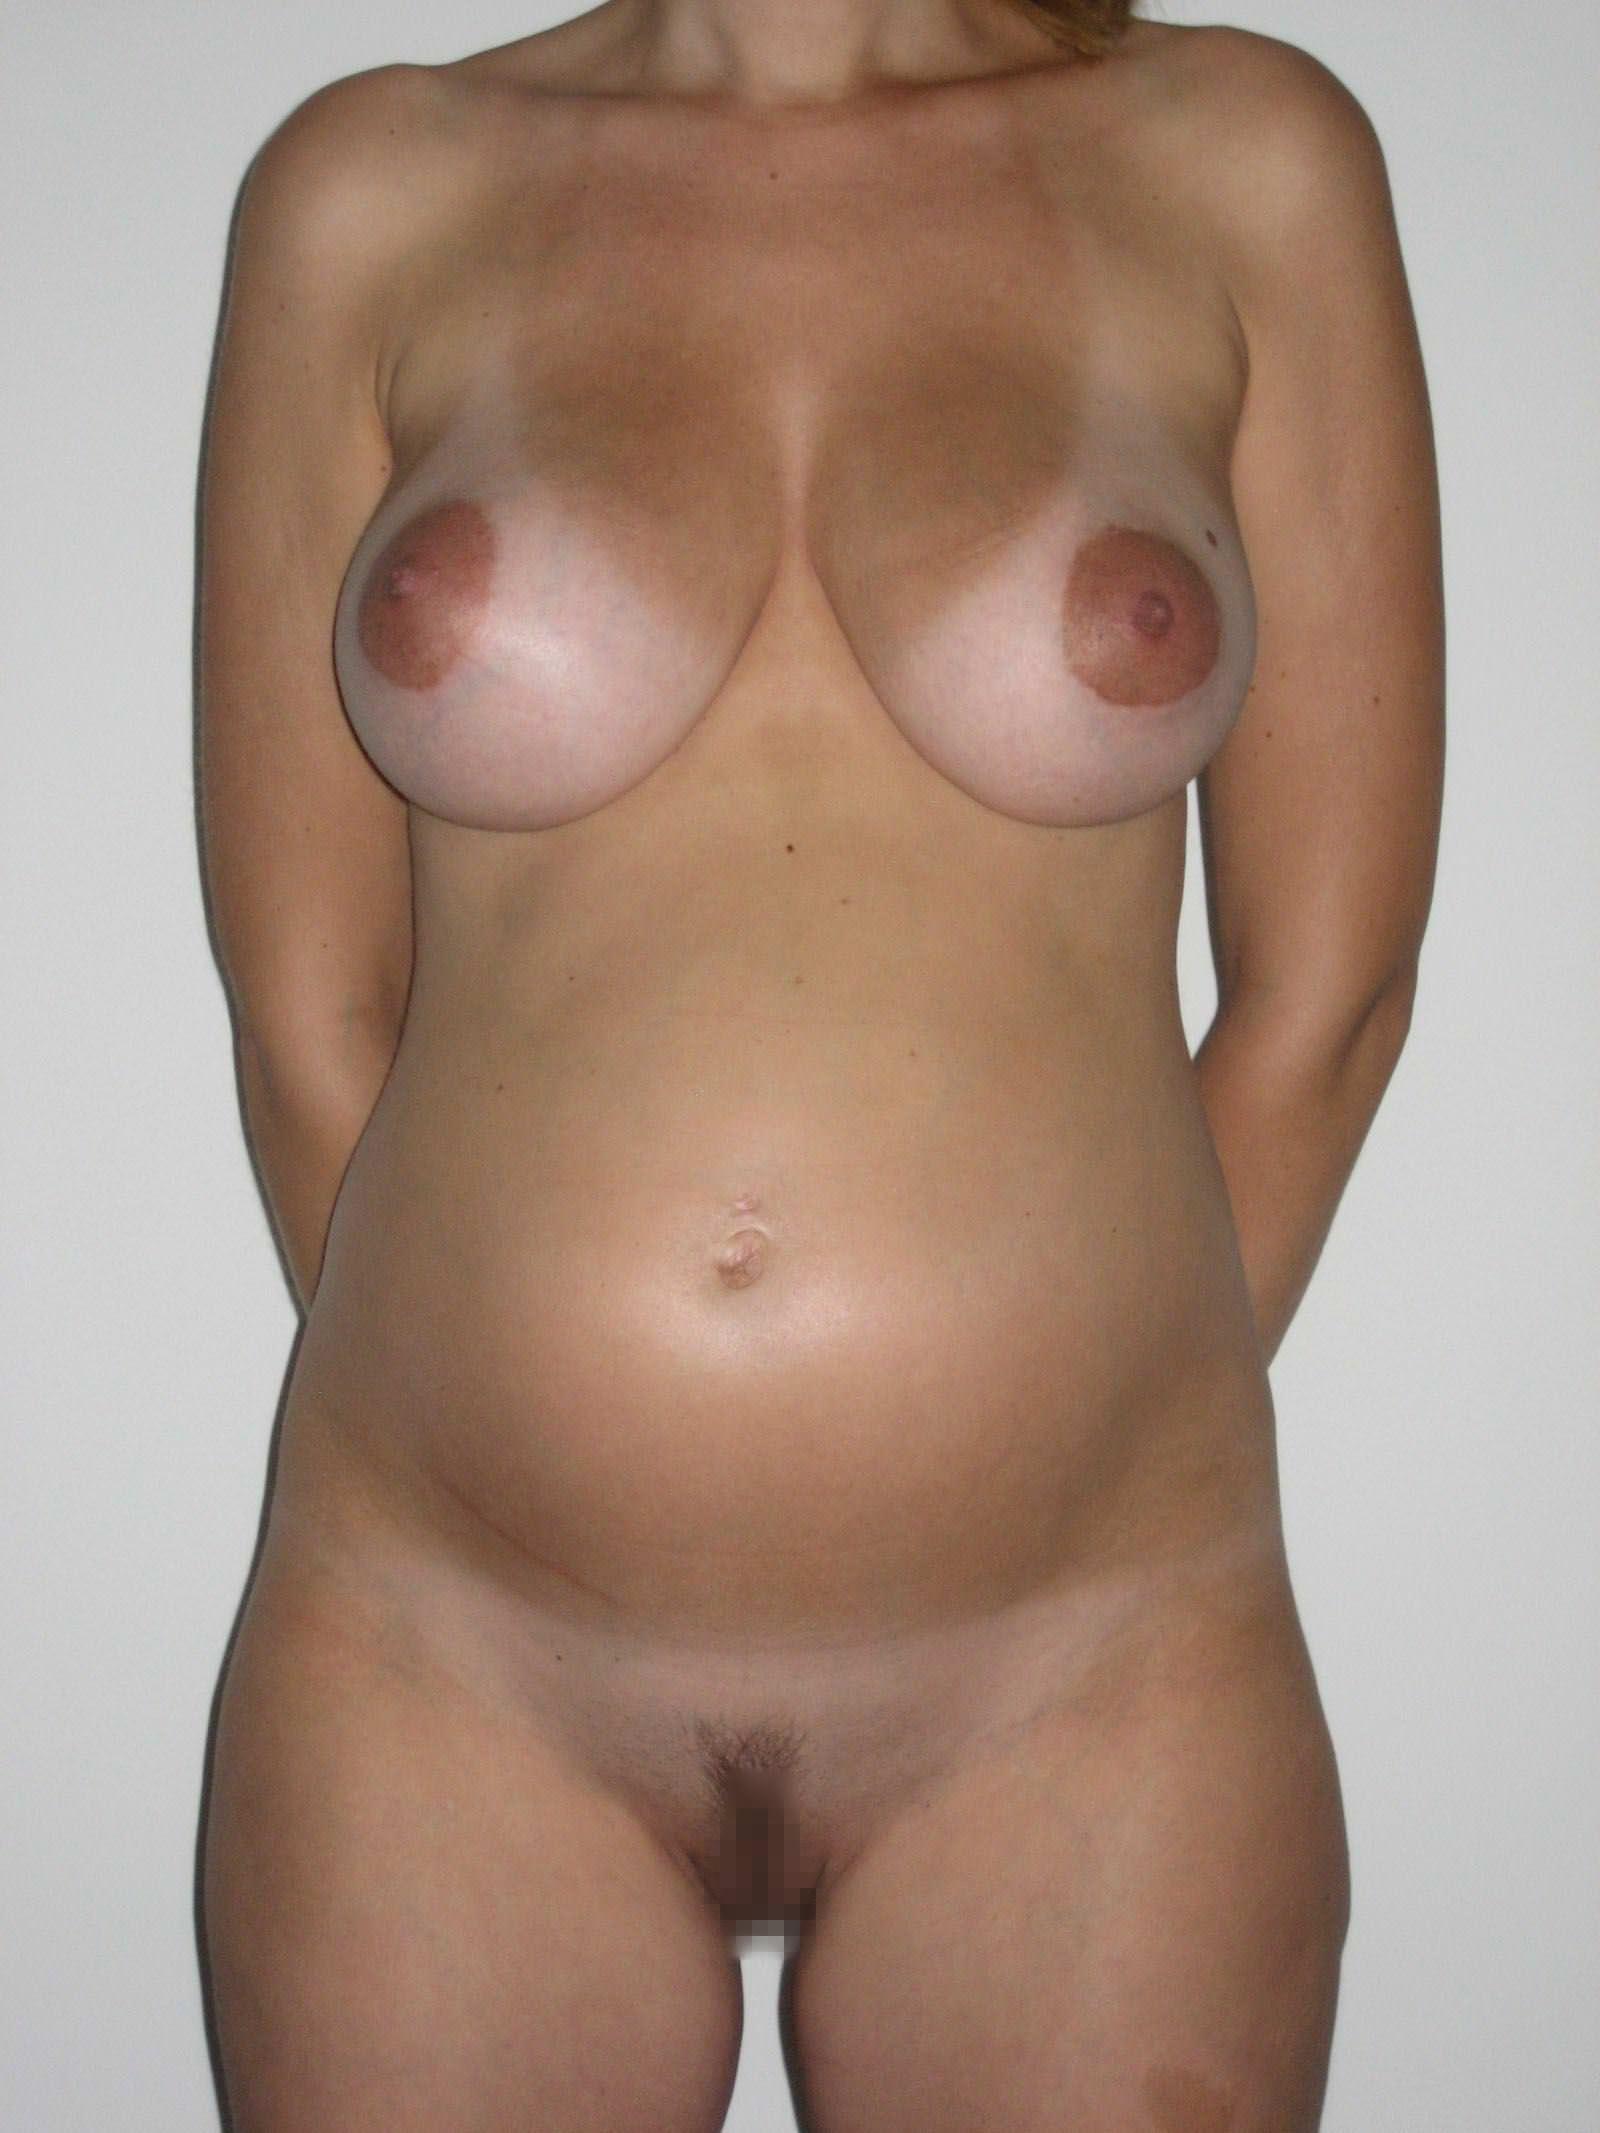 【外人】スウェーデンの金髪素人美女が彼氏とエッチして妊娠した姿を晒すポルノ画像 9114